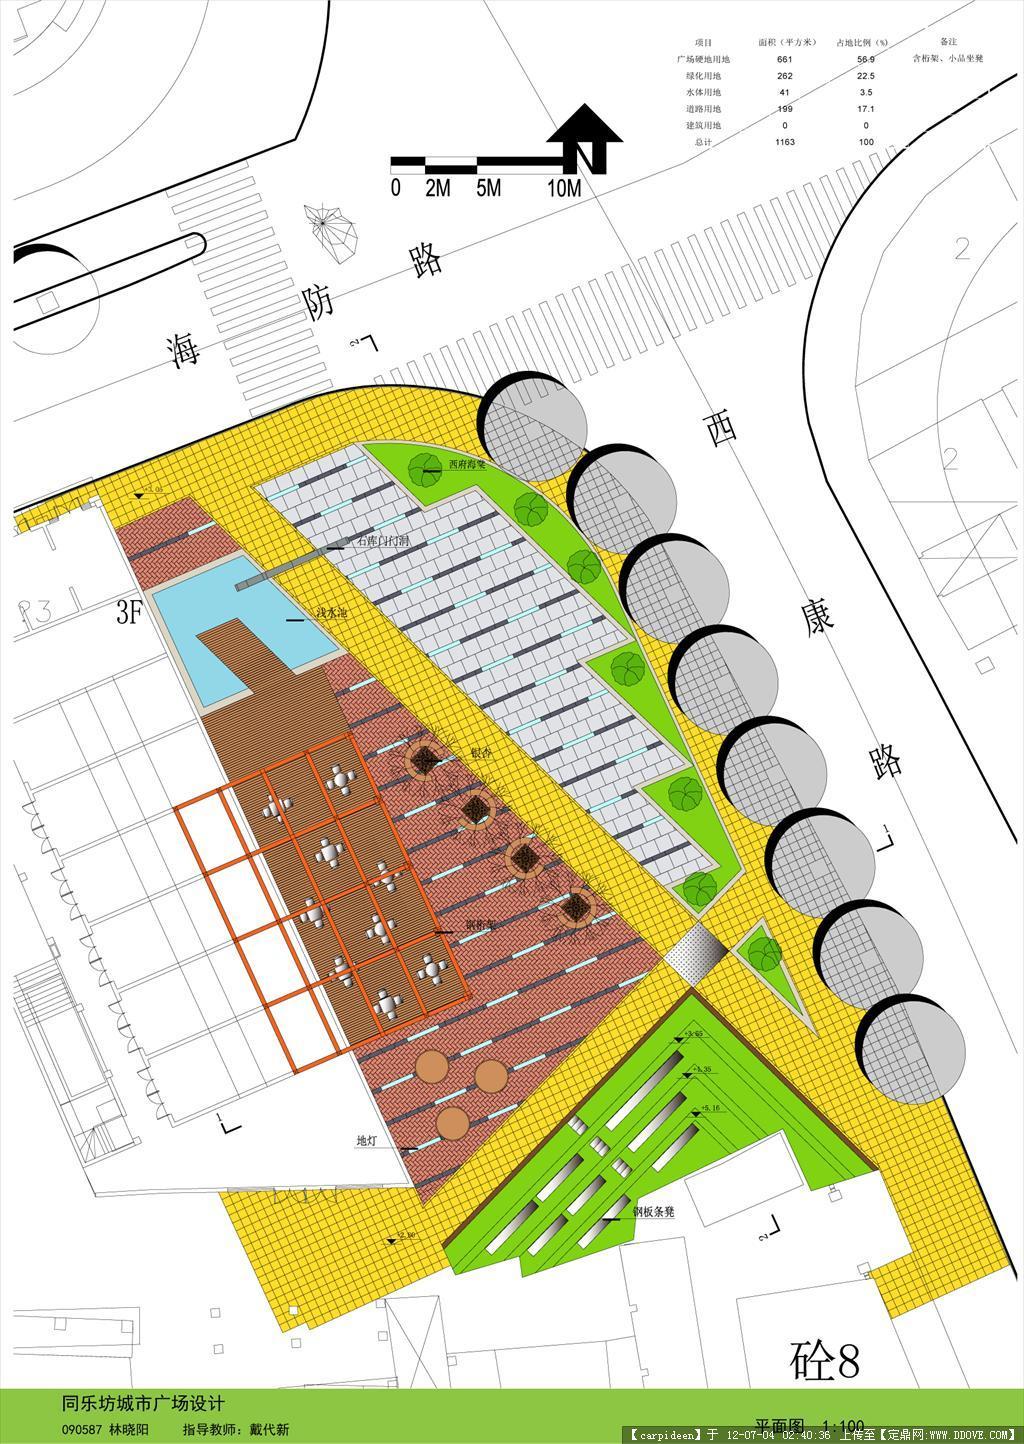 上海某广场设计详细平面图